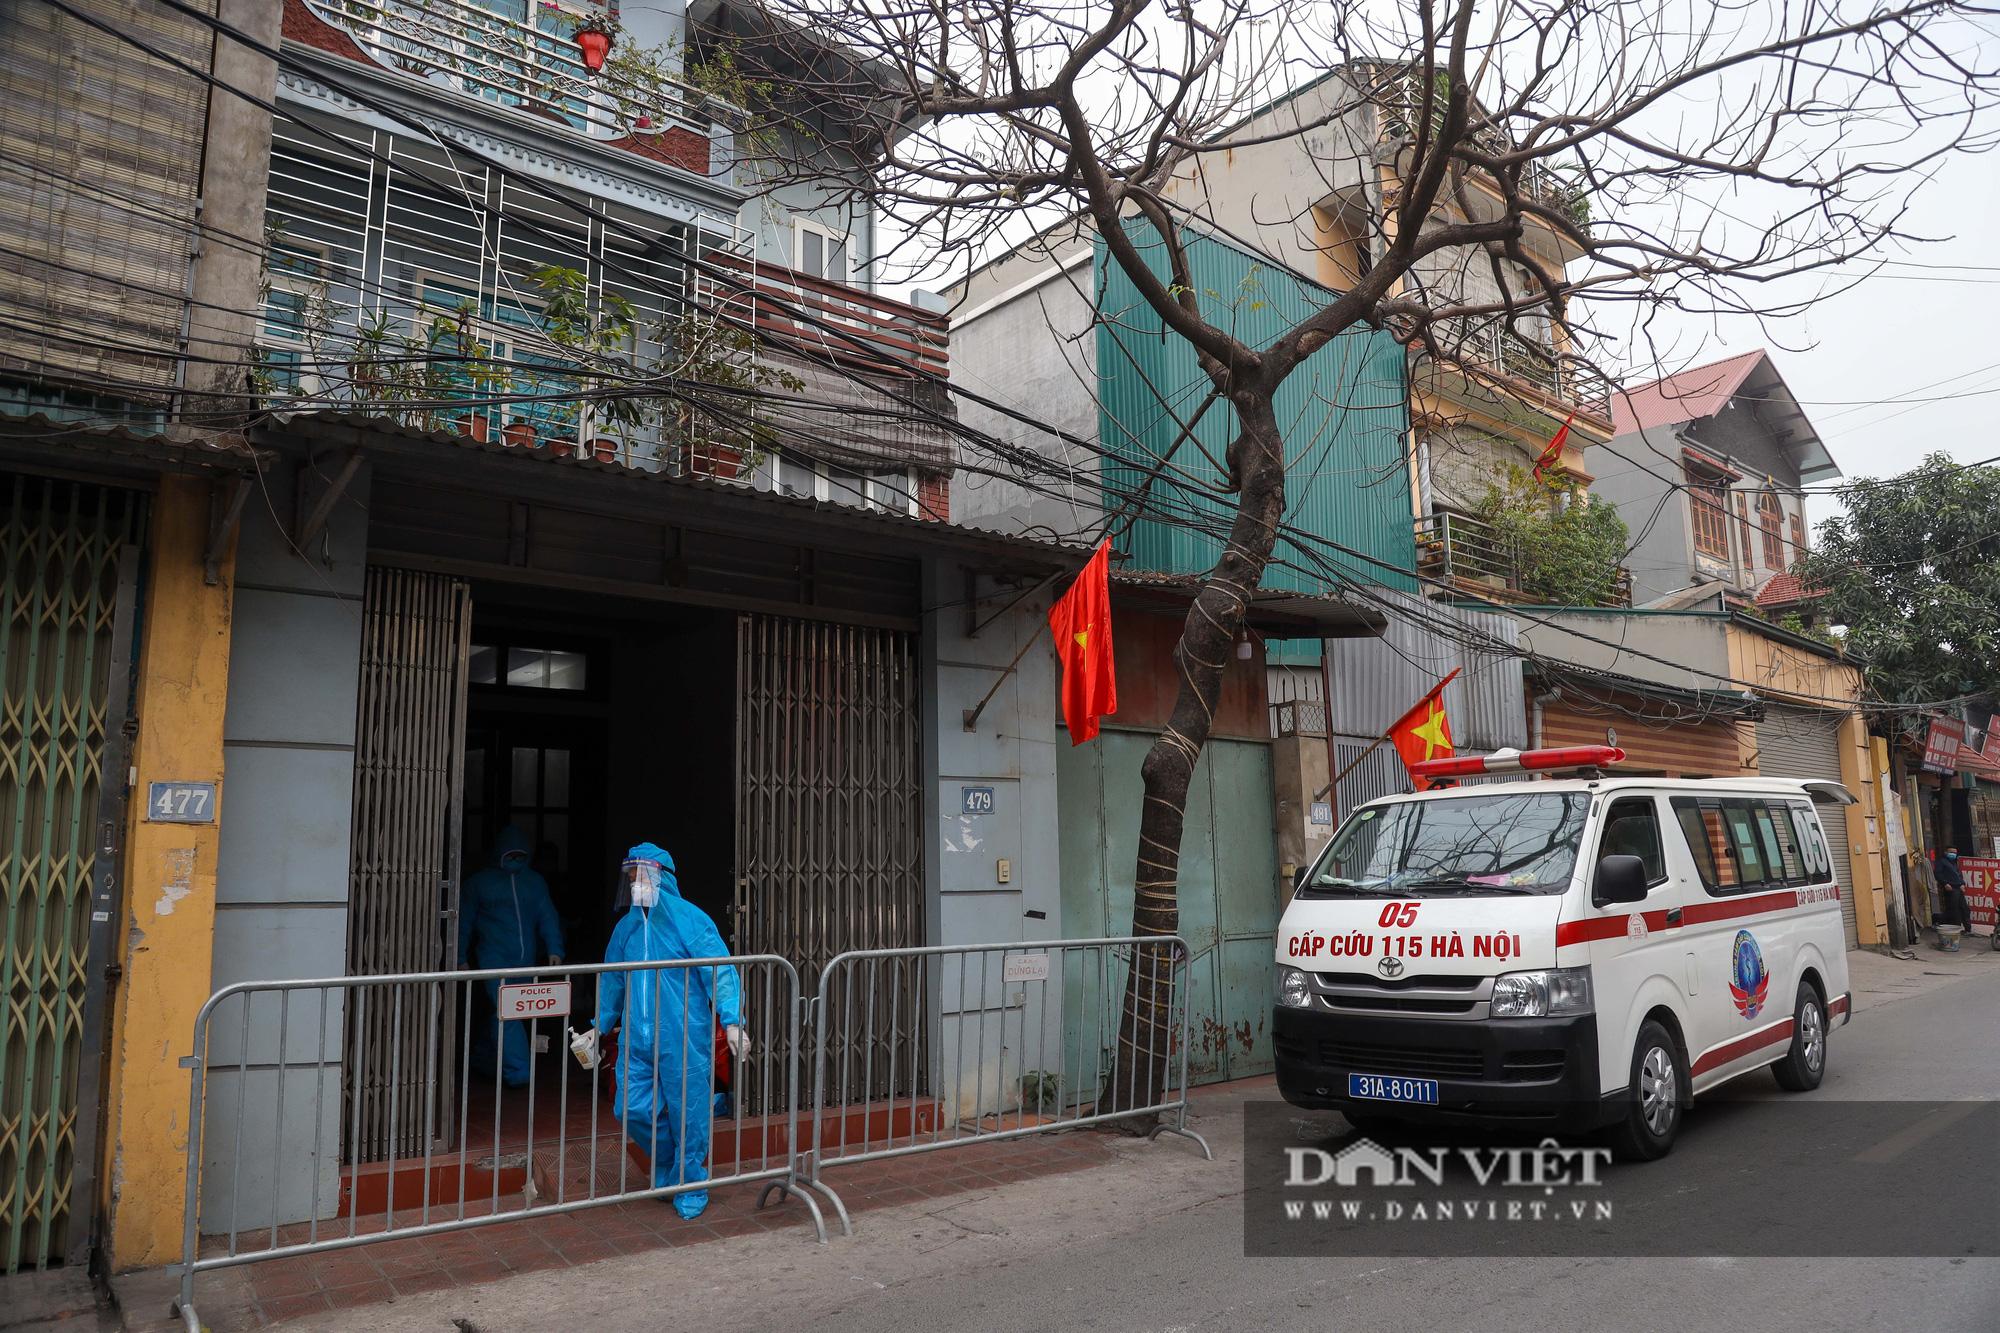 Đưa bố mẹ vợ của ca nhiễm Covid-19 thứ 3 ở Hà Nội đi cách ly - Ảnh 2.